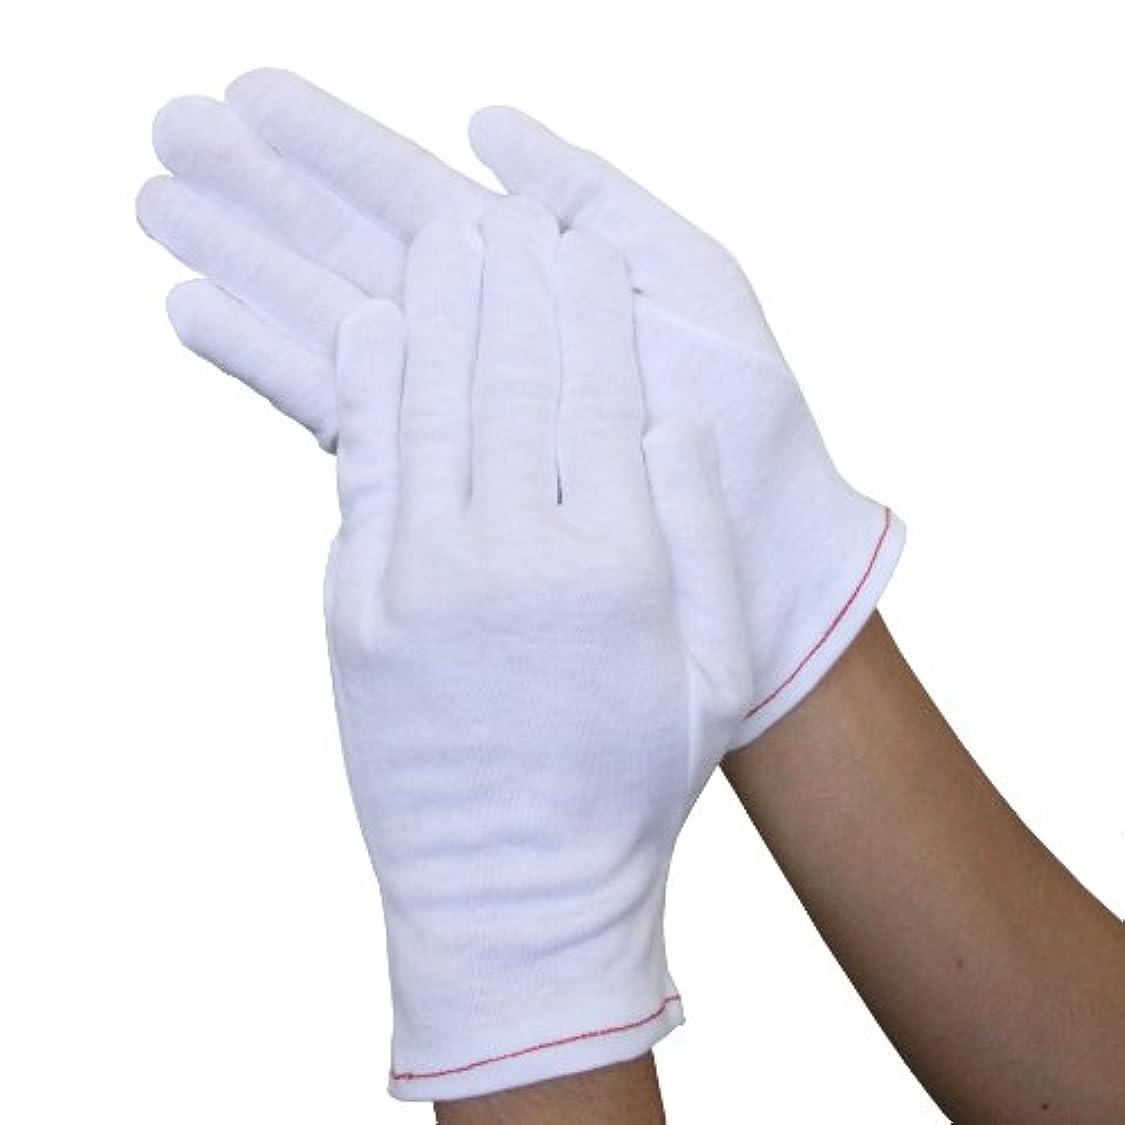 メロディアス前兆うがいウインセス 【心地よい肌触り/おやすみ手袋】 綿100%手袋 (1双) (LL)